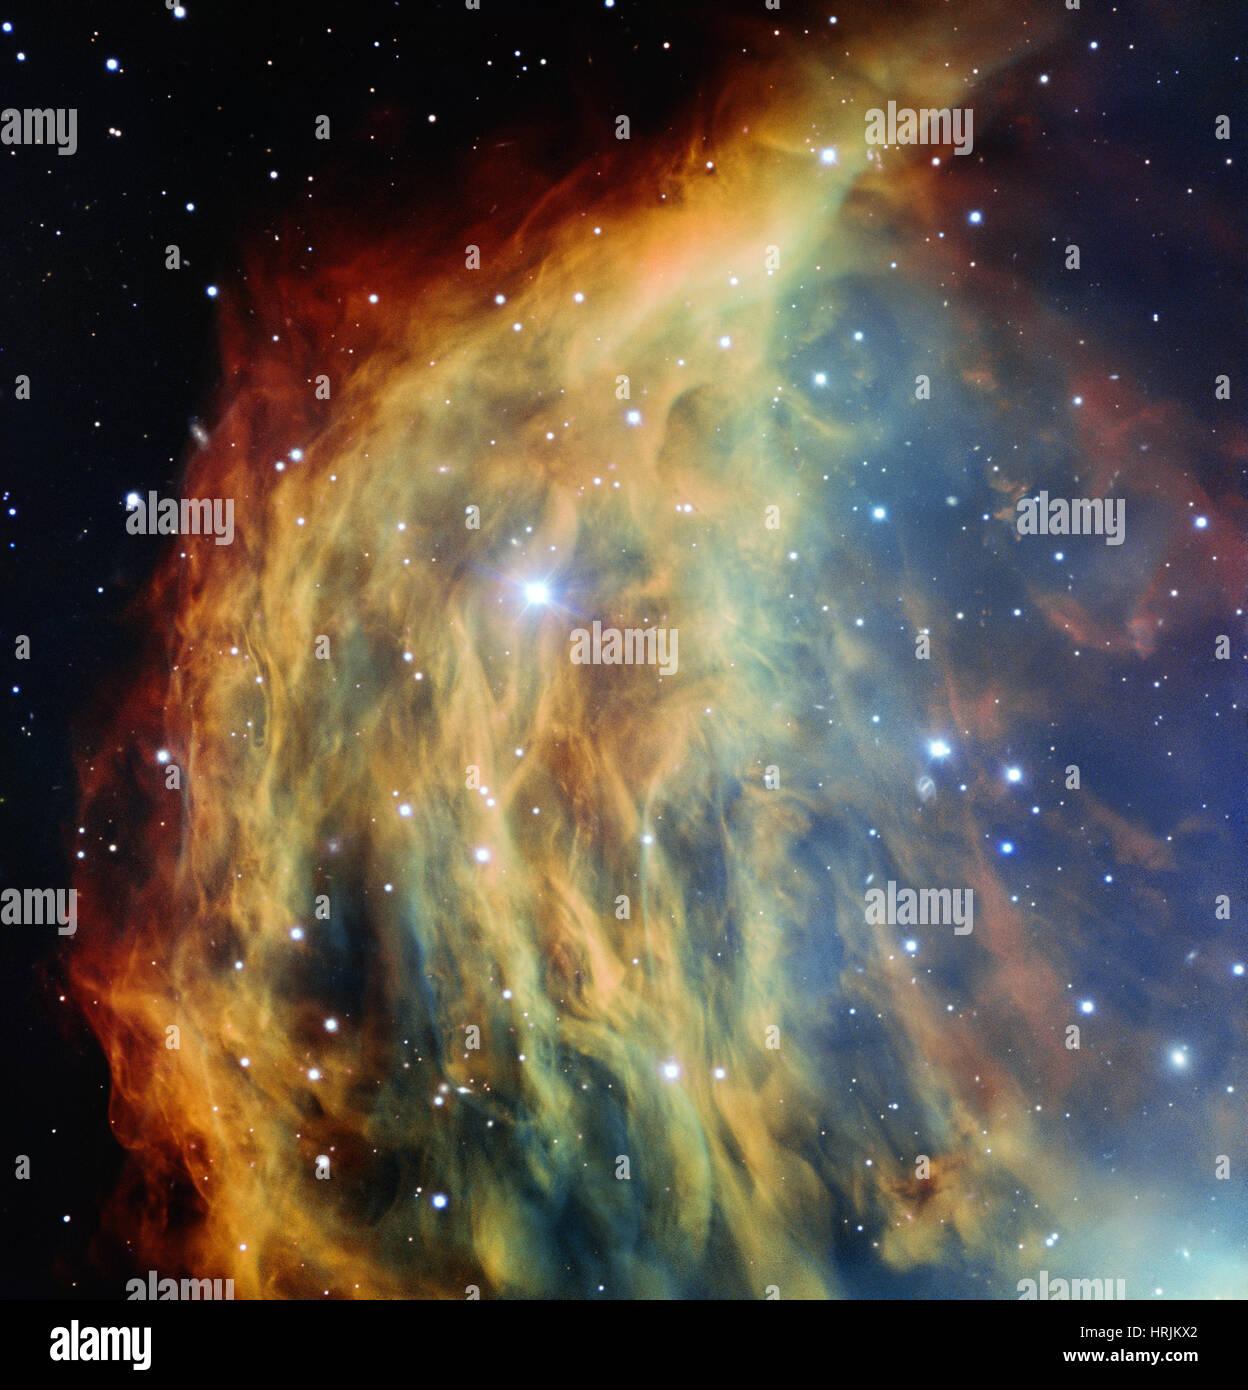 Medusa Nebula, Abell 21, Sh2-274 - Stock Image